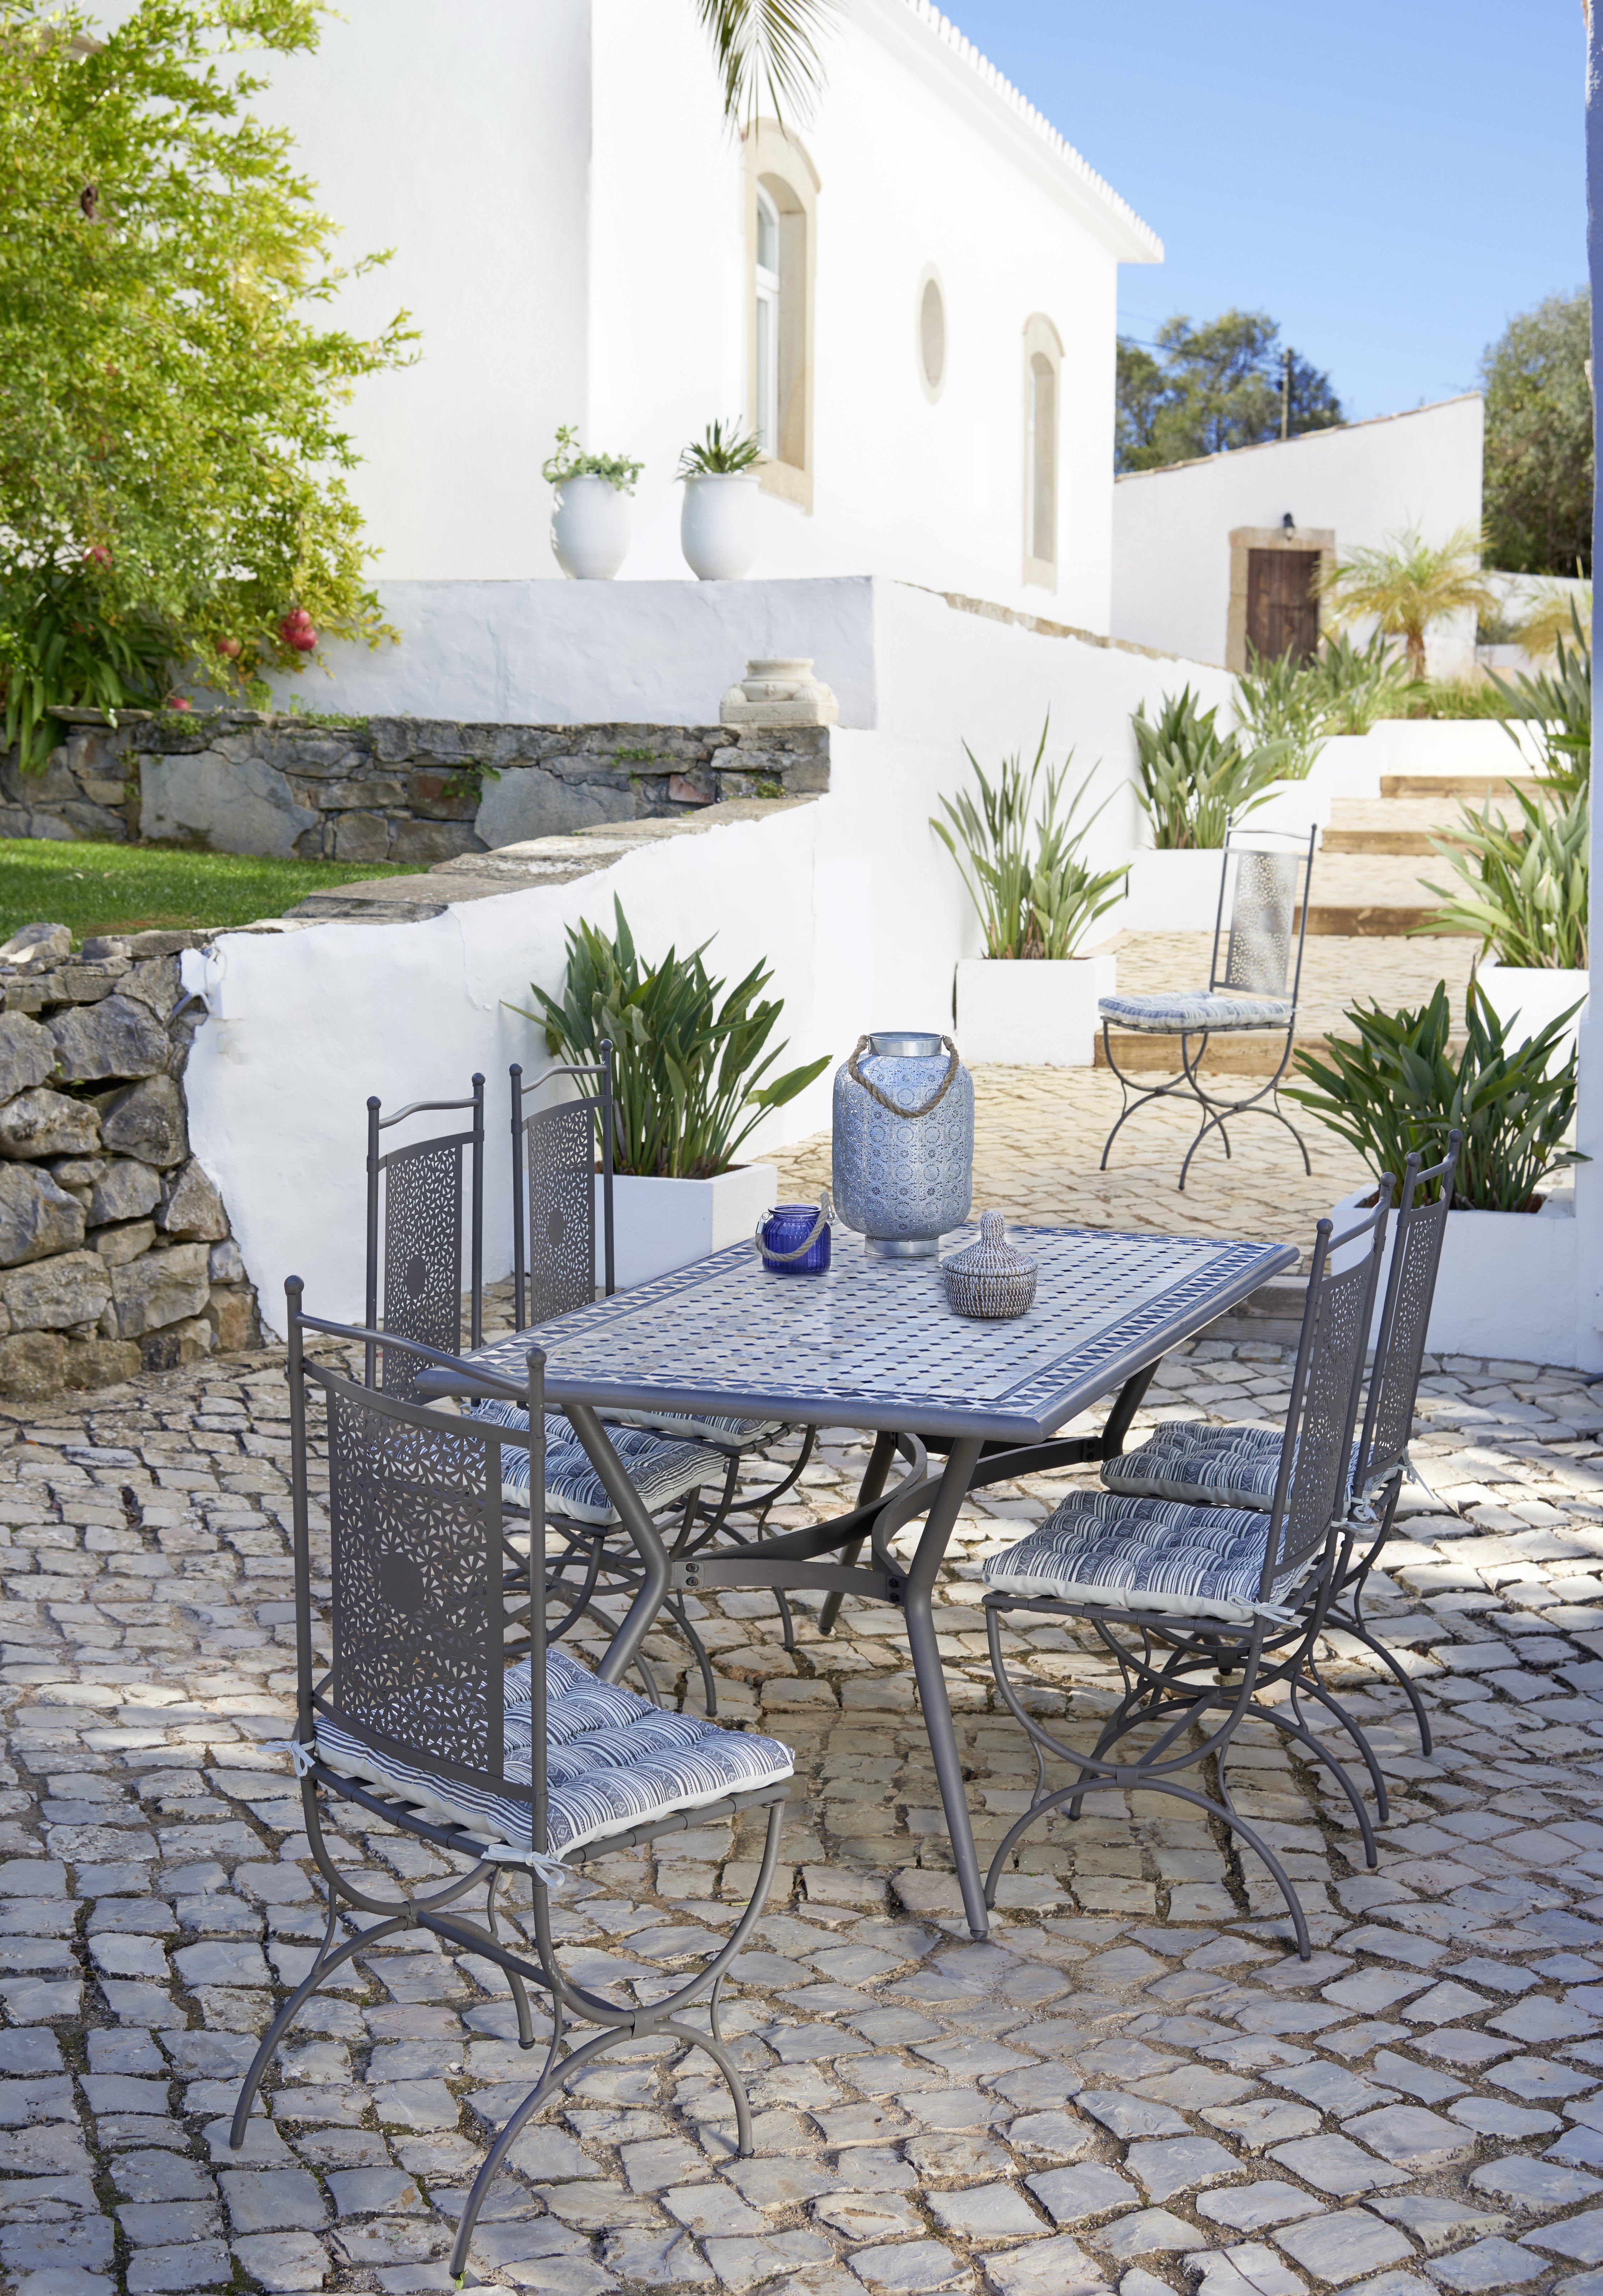 Salon de jardin carrefour quimper - Jardin piscine et Cabane